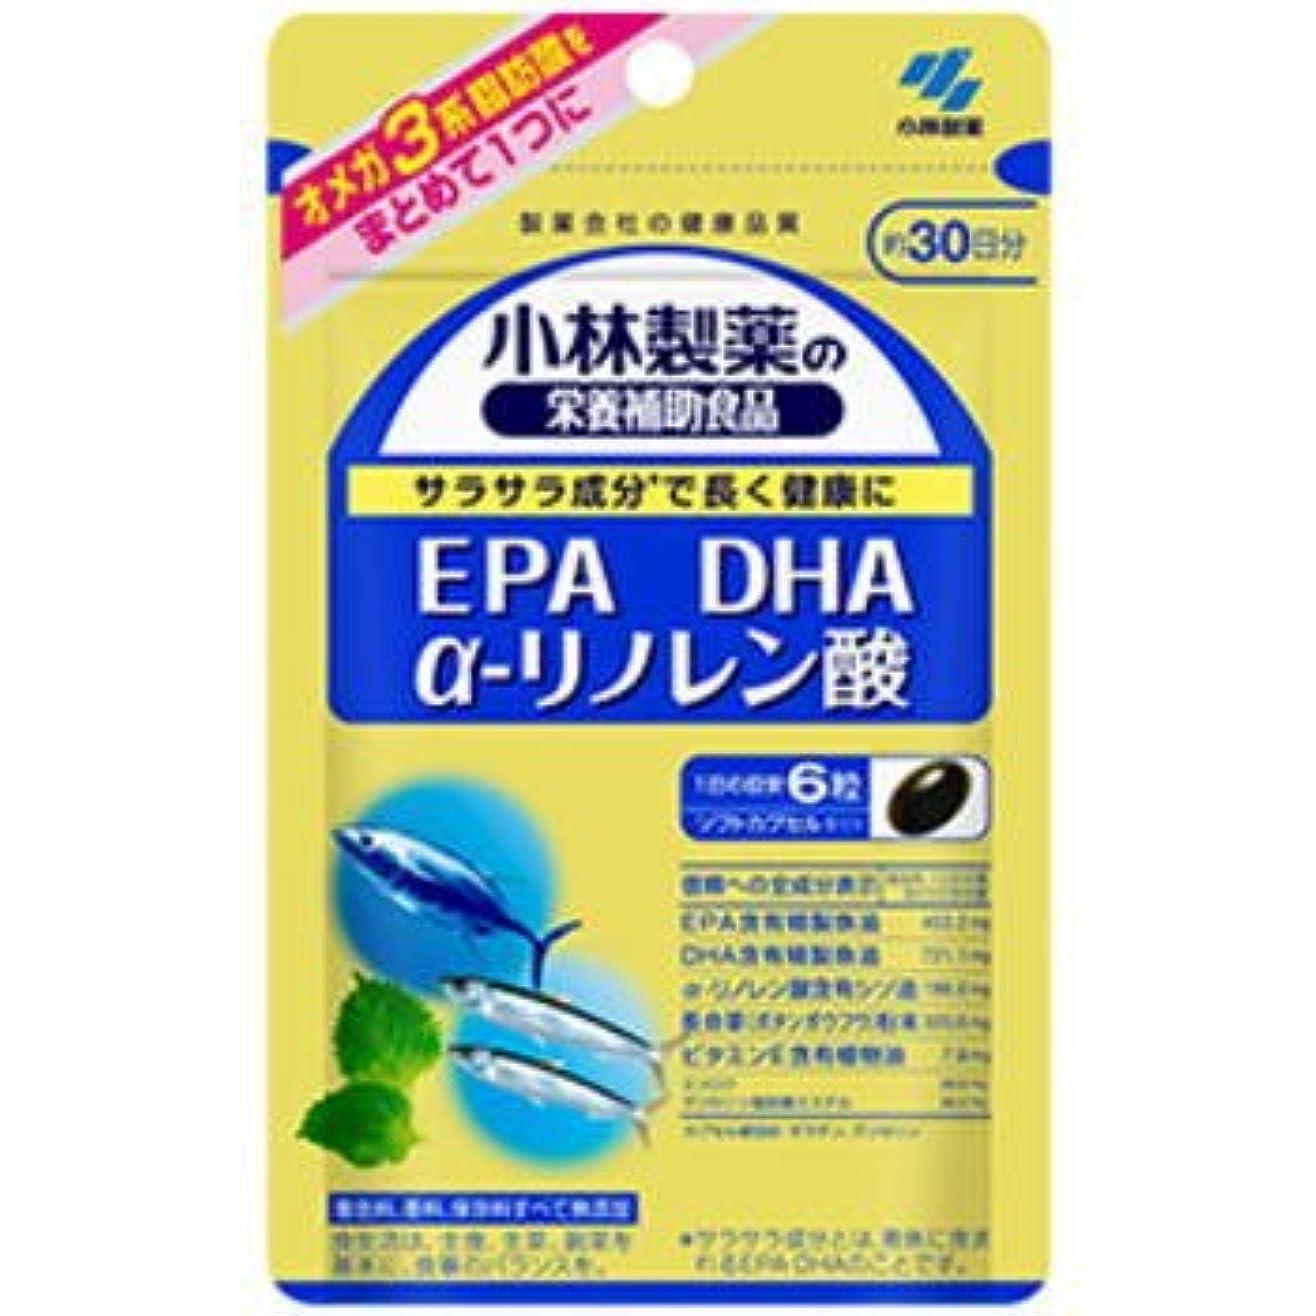 仕出しますシャツミット小林製薬 EPA DHA α-リノレン酸 180粒×3個セット【ネコポス発送】